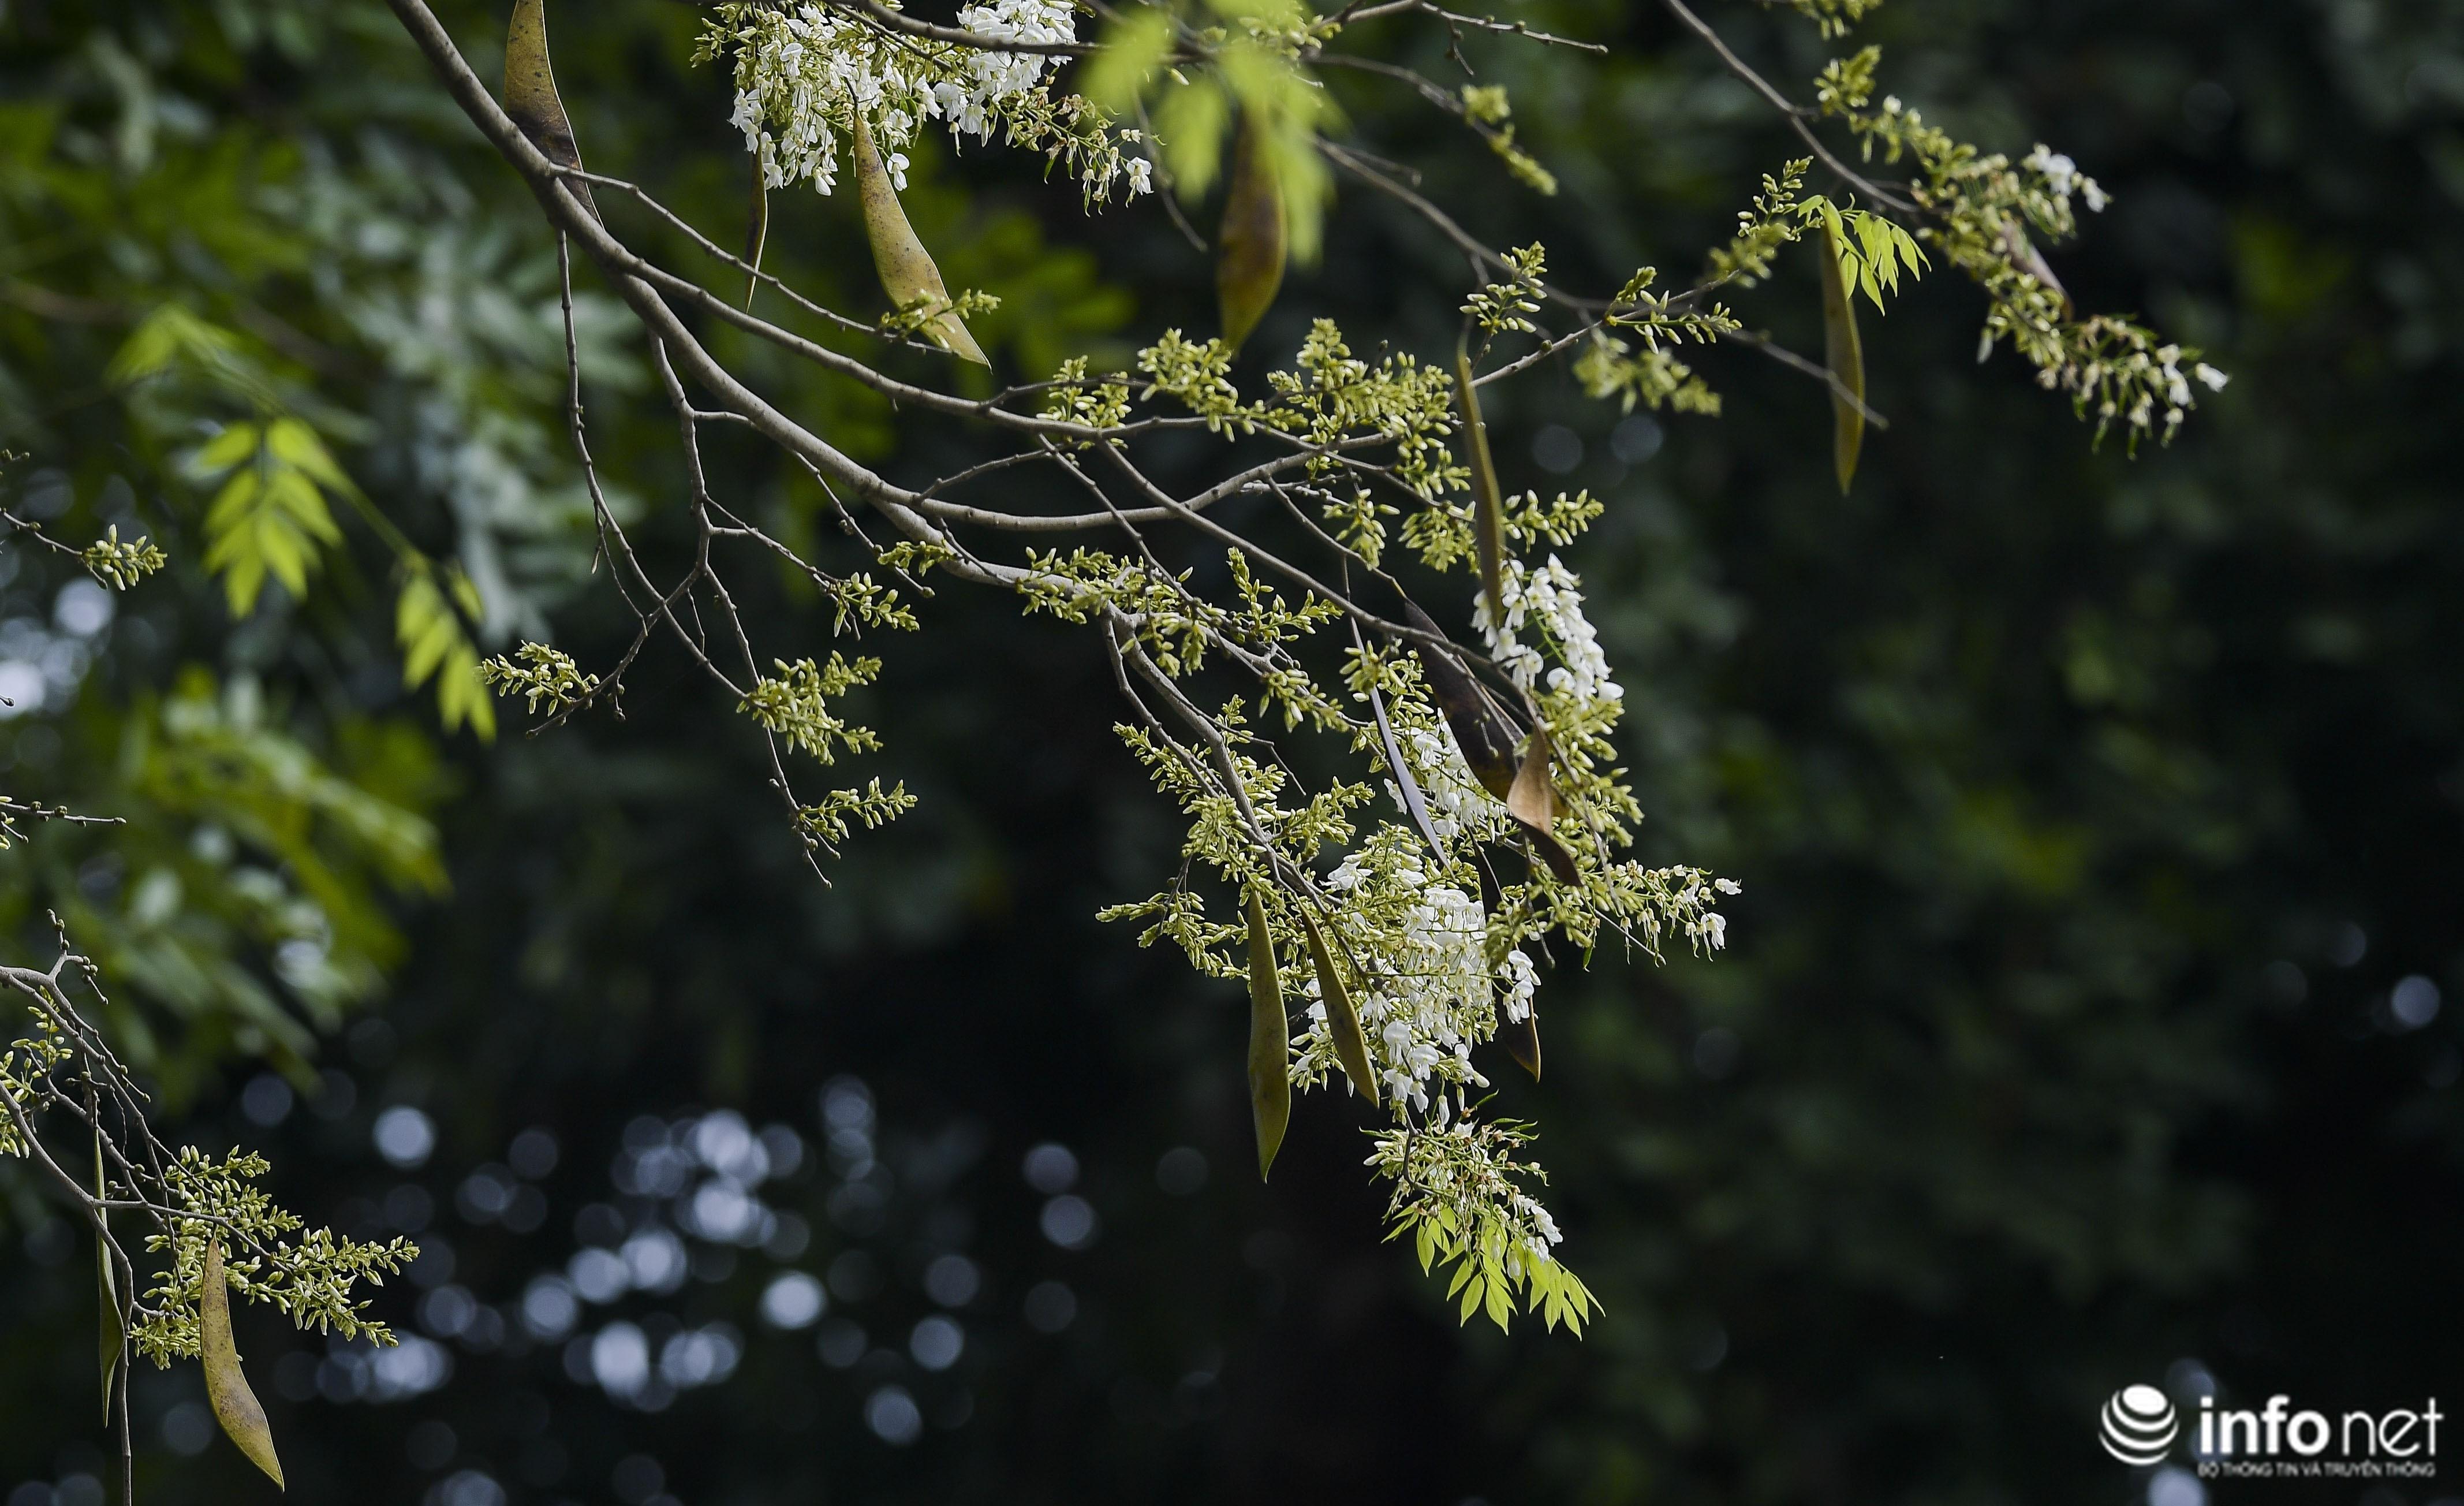 Ngắm hoa sưa nở trắng phố phường Hà Nội Ảnh 2